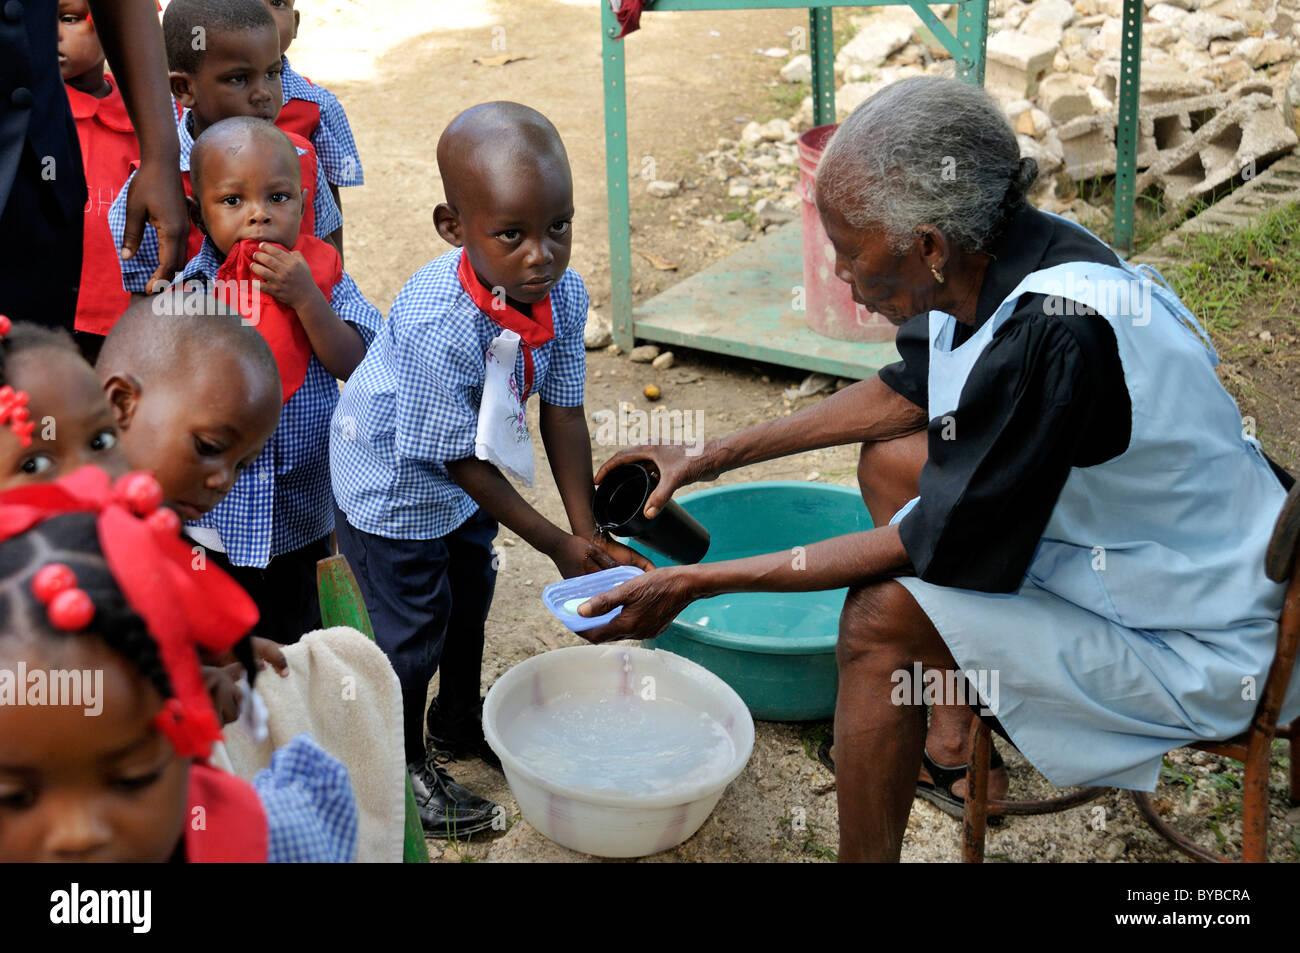 En tant qu'infections prévention contre le choléra, les enfants apprennent à se laver les mains Photo Stock